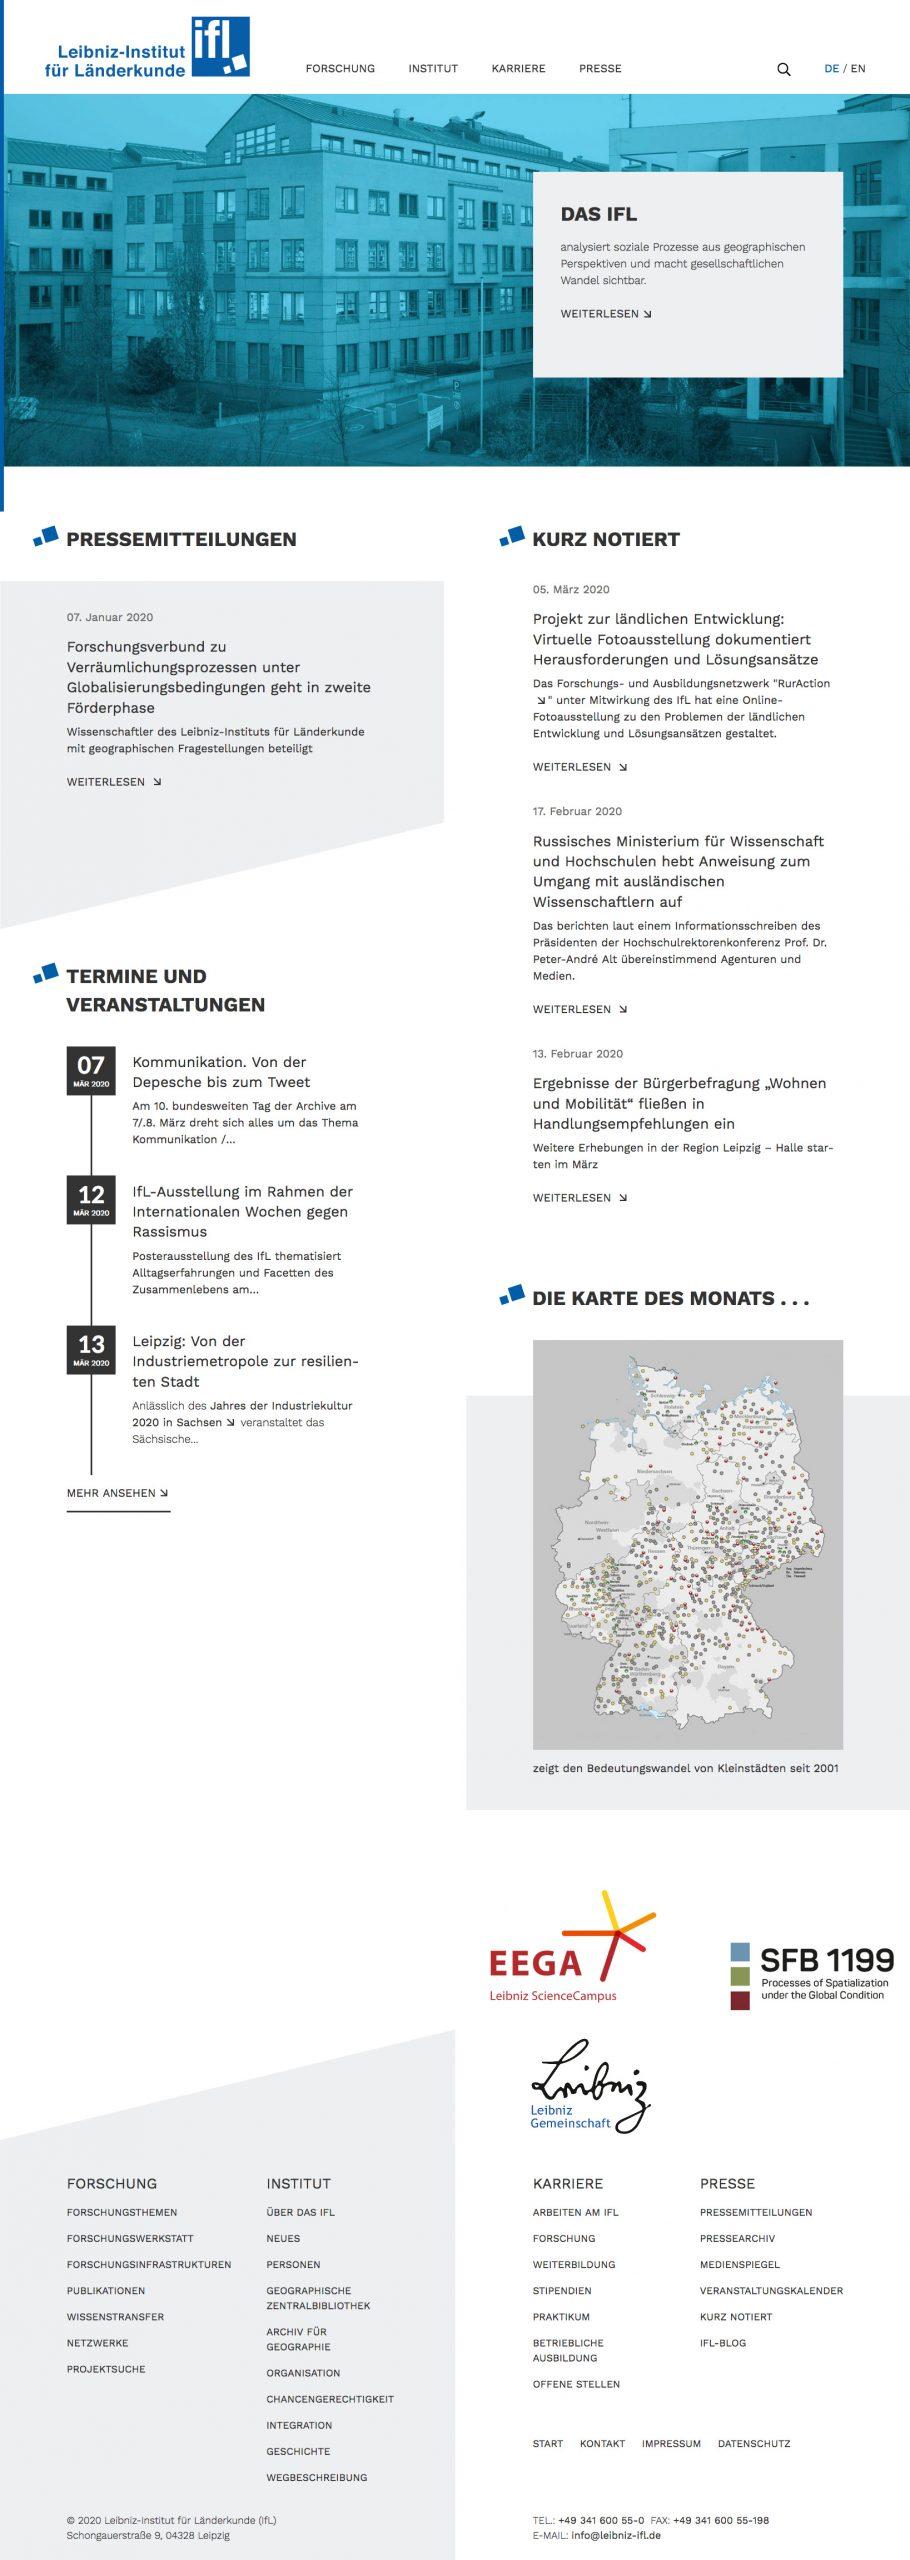 Website des Leibniz-Instituts für Länderkunde e. V. (IfL)